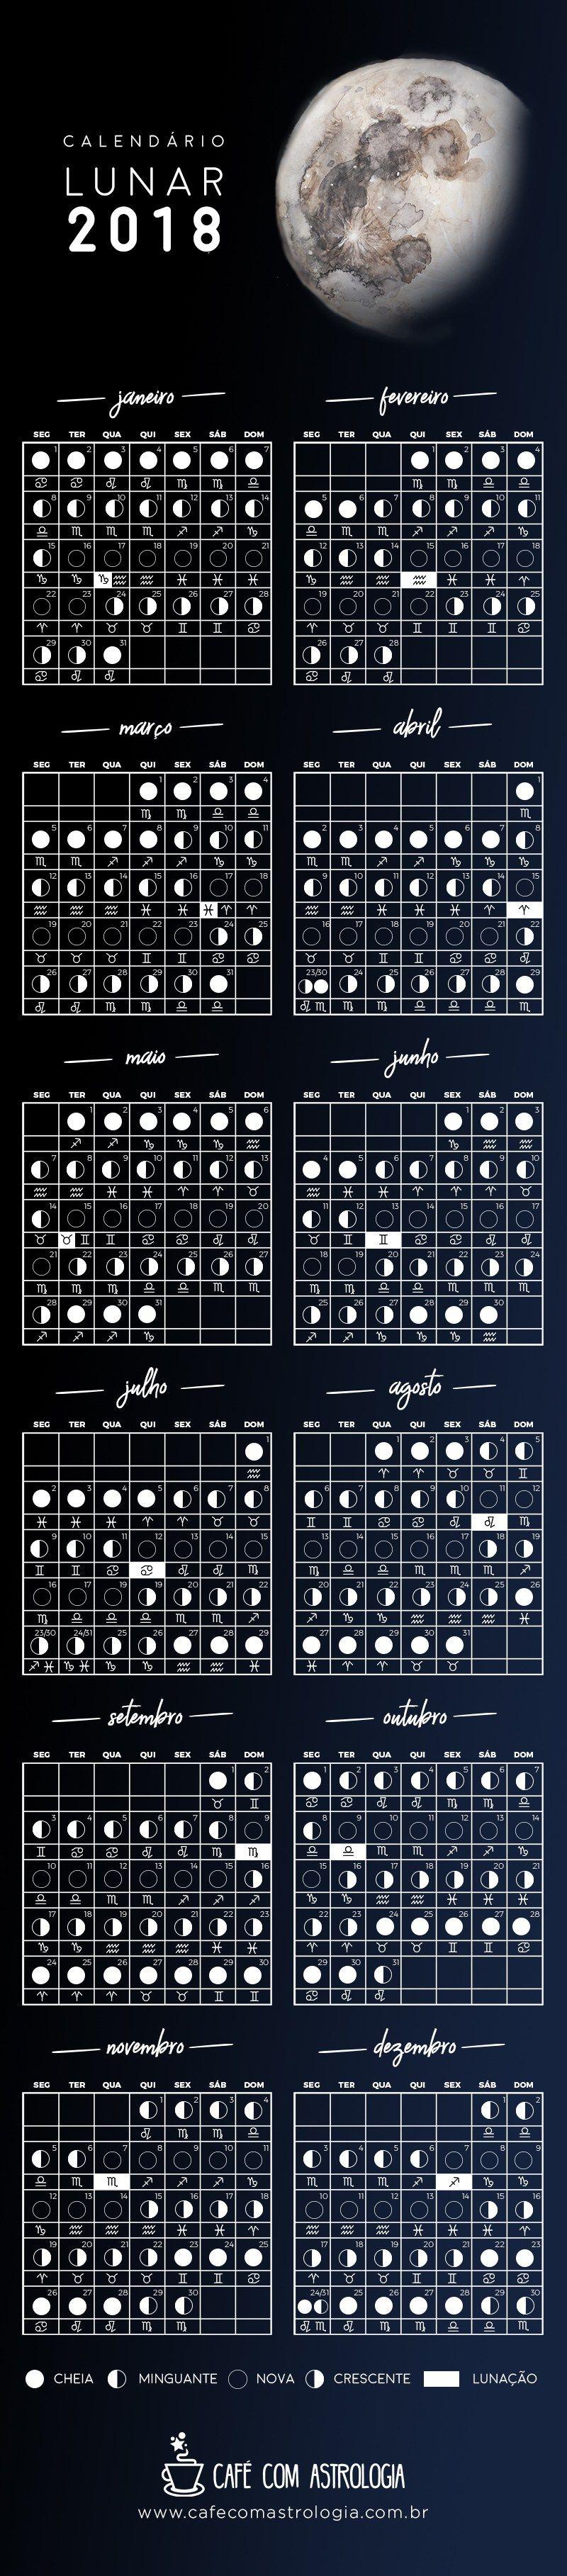 Calendario Lunar 2018 Cafe Com Astrologia Calendario Lunar Calendario Lunar 2018 Astrologia